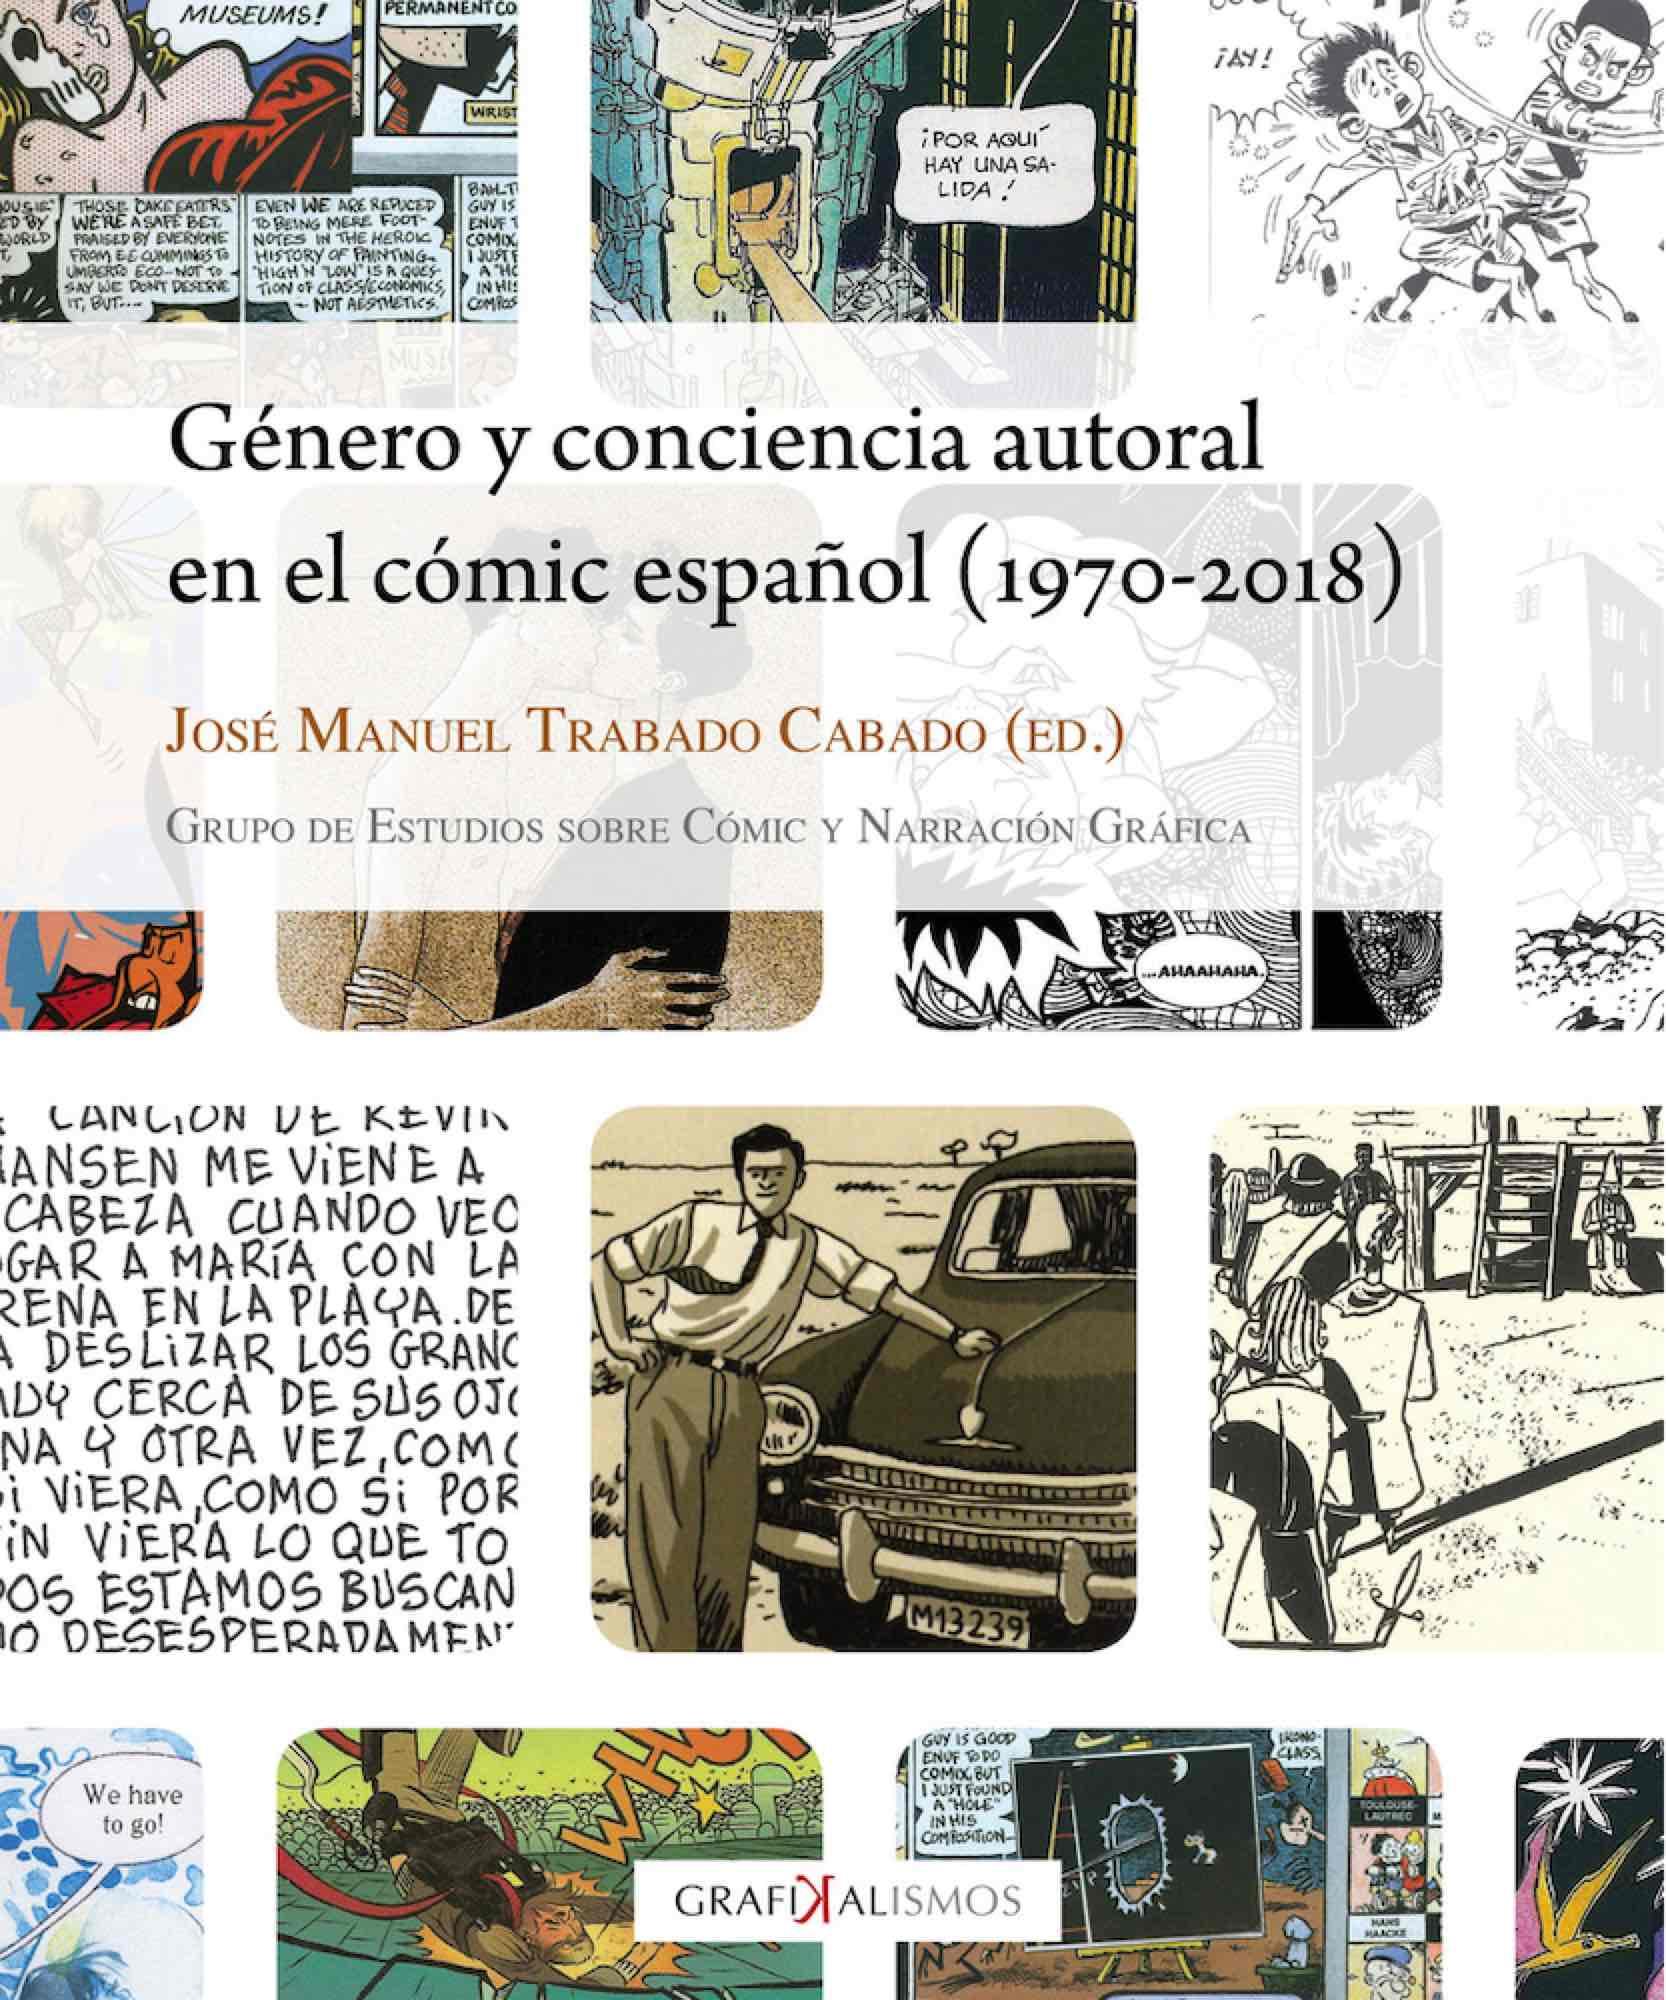 GENERO Y CONCIENCIA AUTORAL EN EL COMIC ESPAÑOL 1970 2018